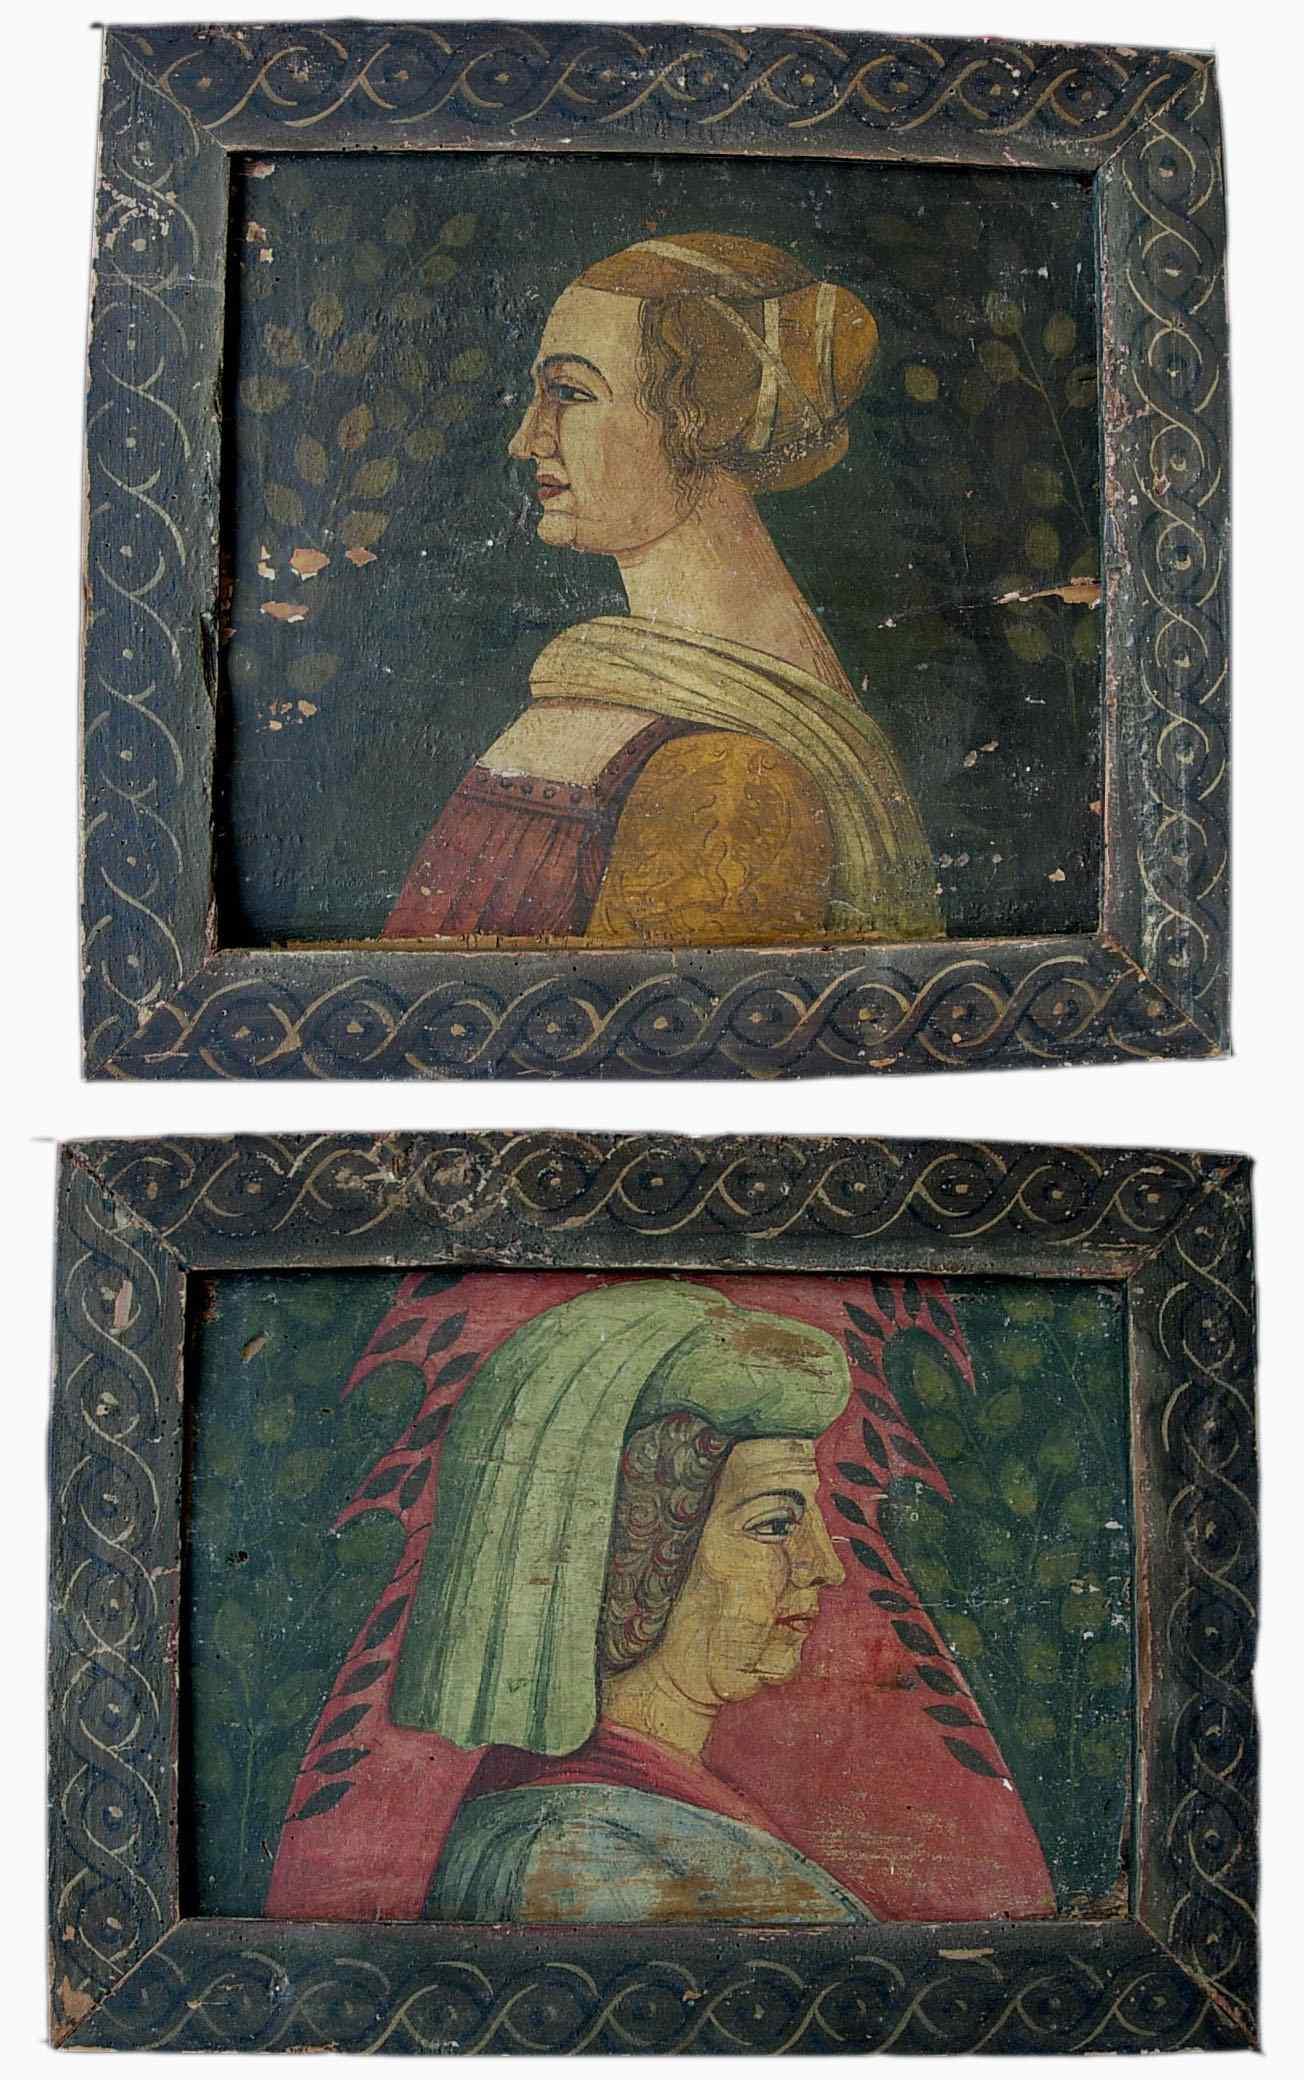 Pannelli con dame - Ritratti femminili, Sec. XV